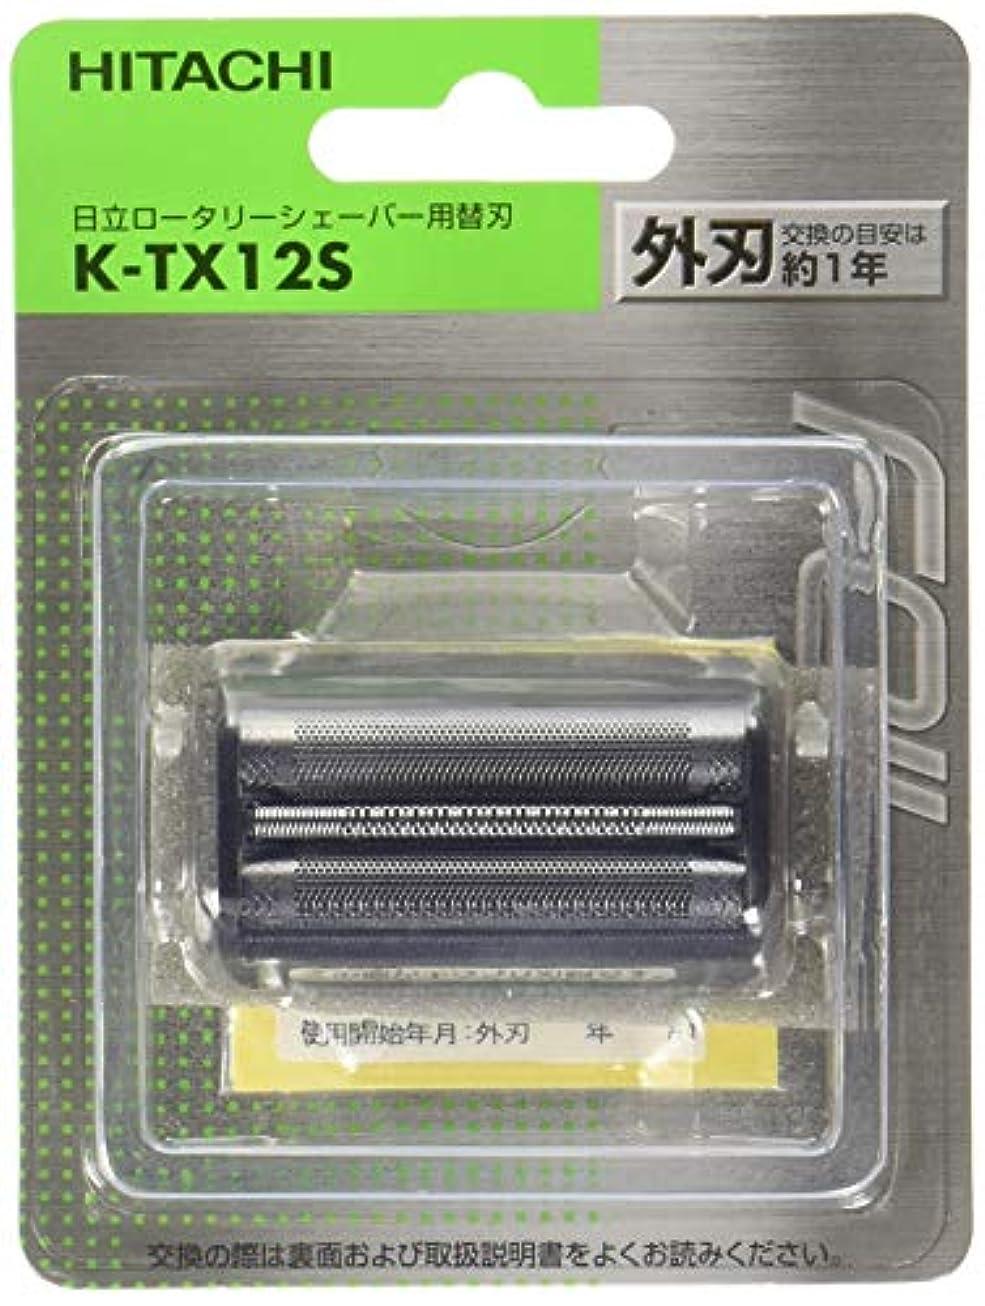 マーティンルーサーキングジュニア整然とした許容できる日立 替刃 外刃 K-TX12S